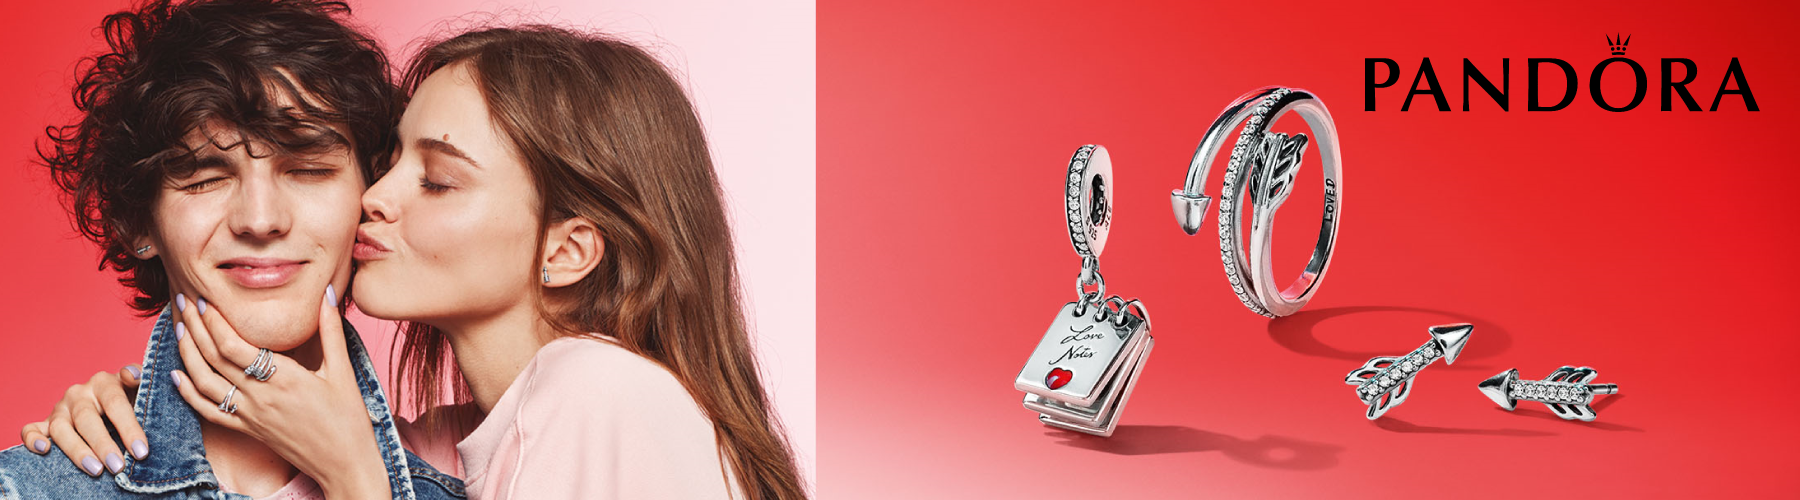 Pandora-valentijn-armbanden-ringen-hartjes-bij-Wolters-Juweliers-Coevorden-Emmen